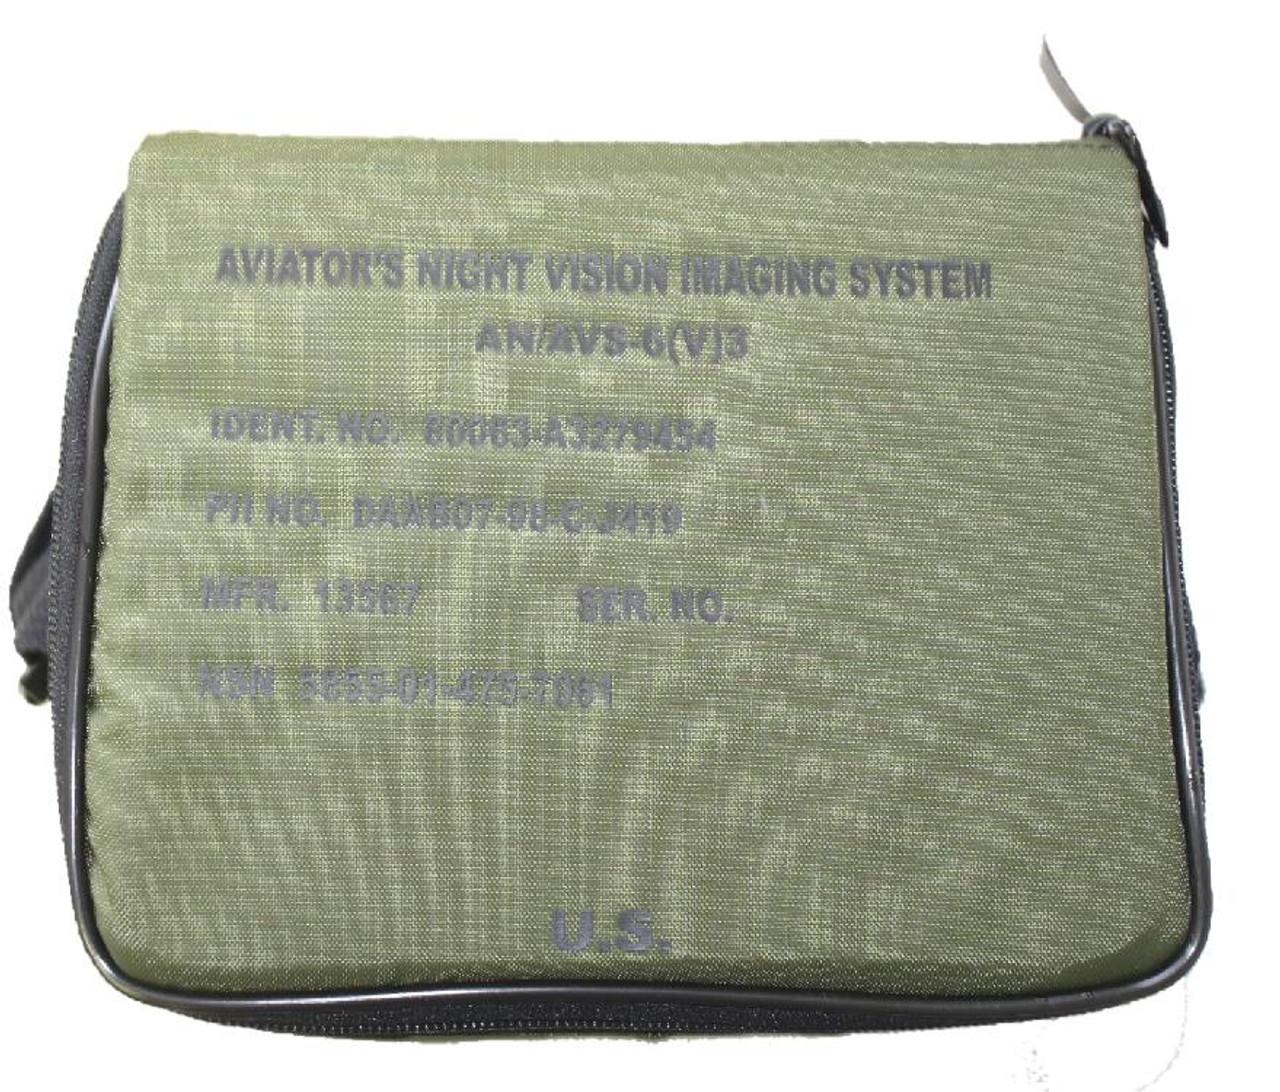 (LOT OF 6) PADDED CASES FOR AN/AVS-6(V)3 WITH FOAM INSERT FOR AN/AVS NVDS